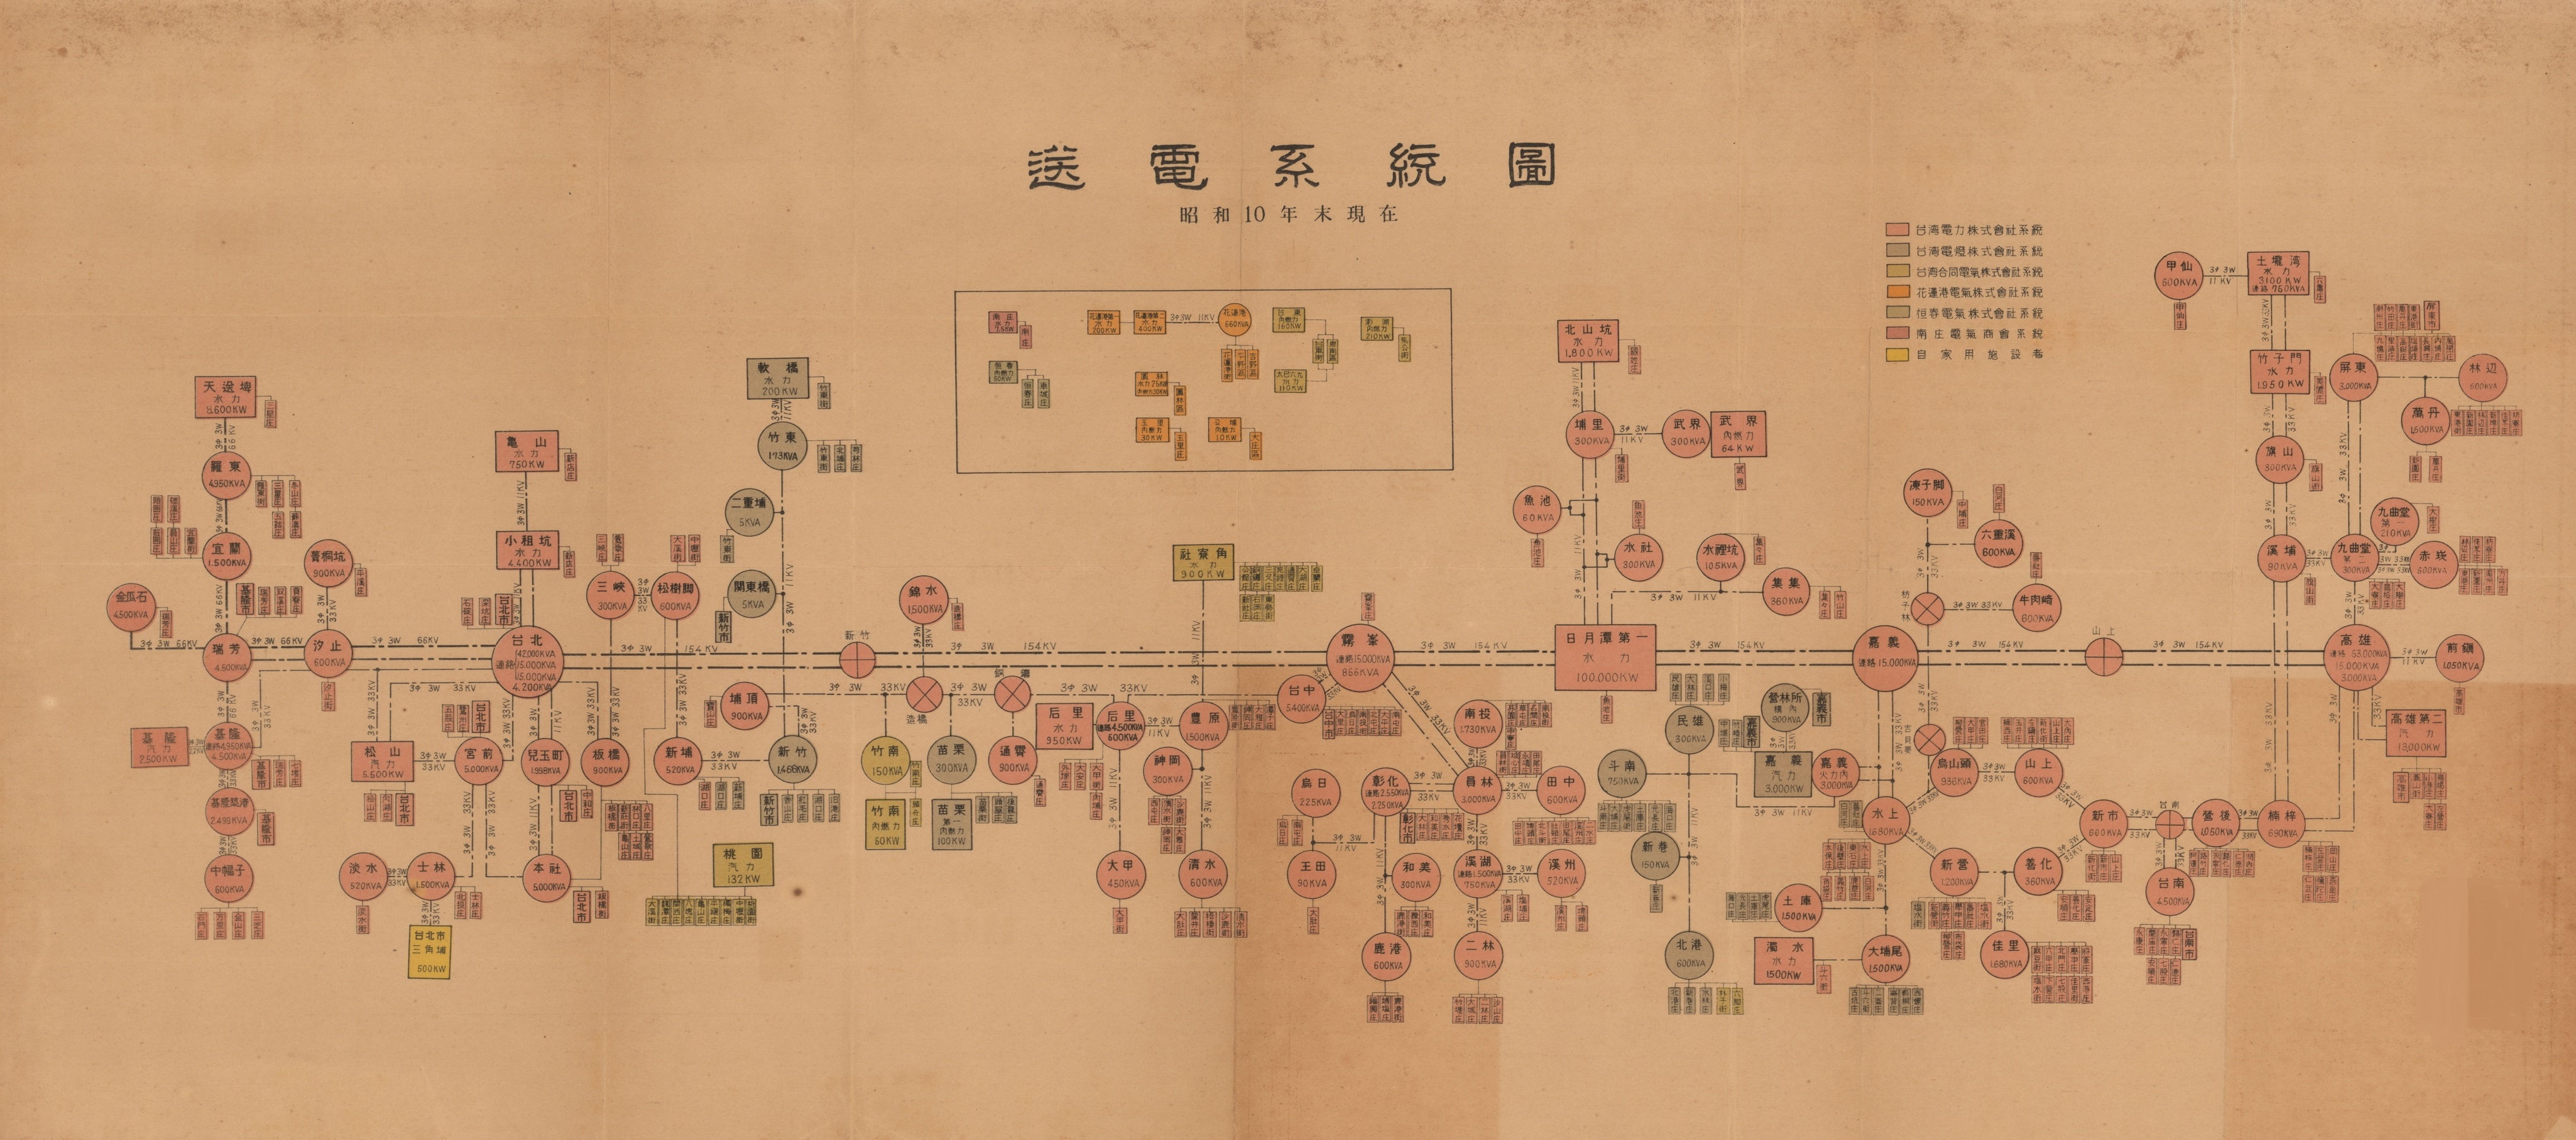 送電系統圖 昭和10年(1935)